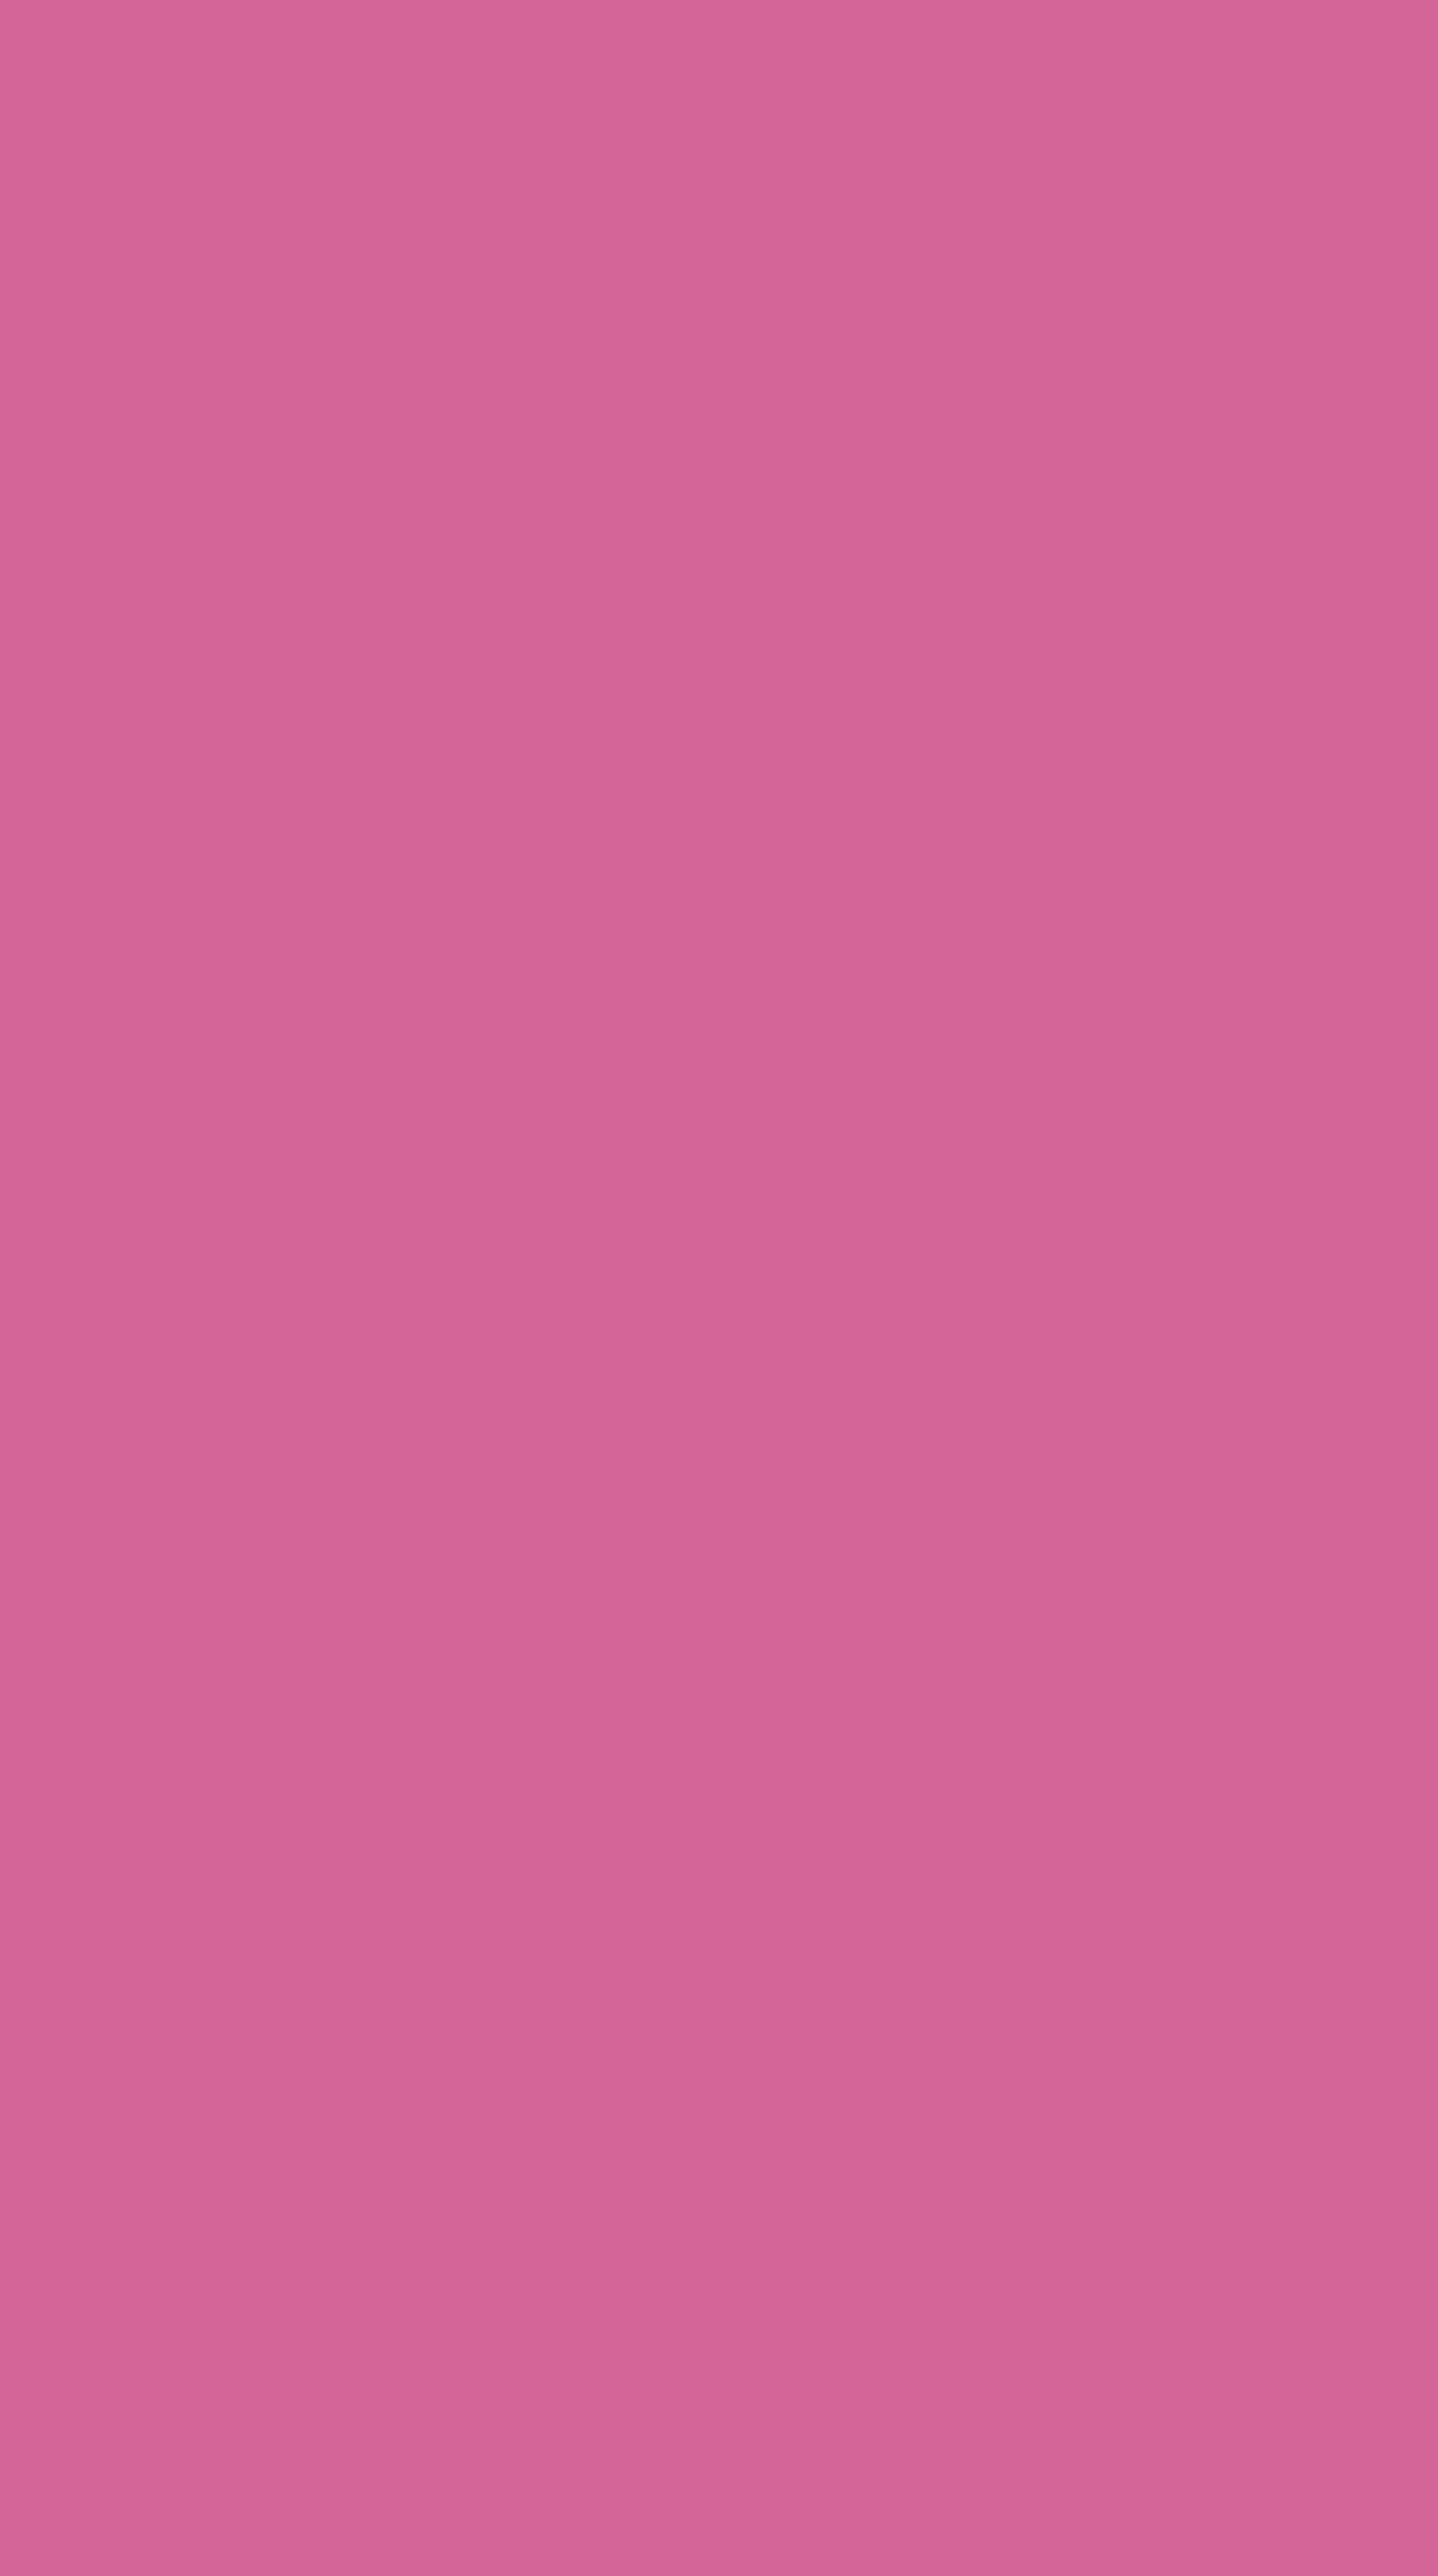 EcceMulier_ColorPalette-04.jpg